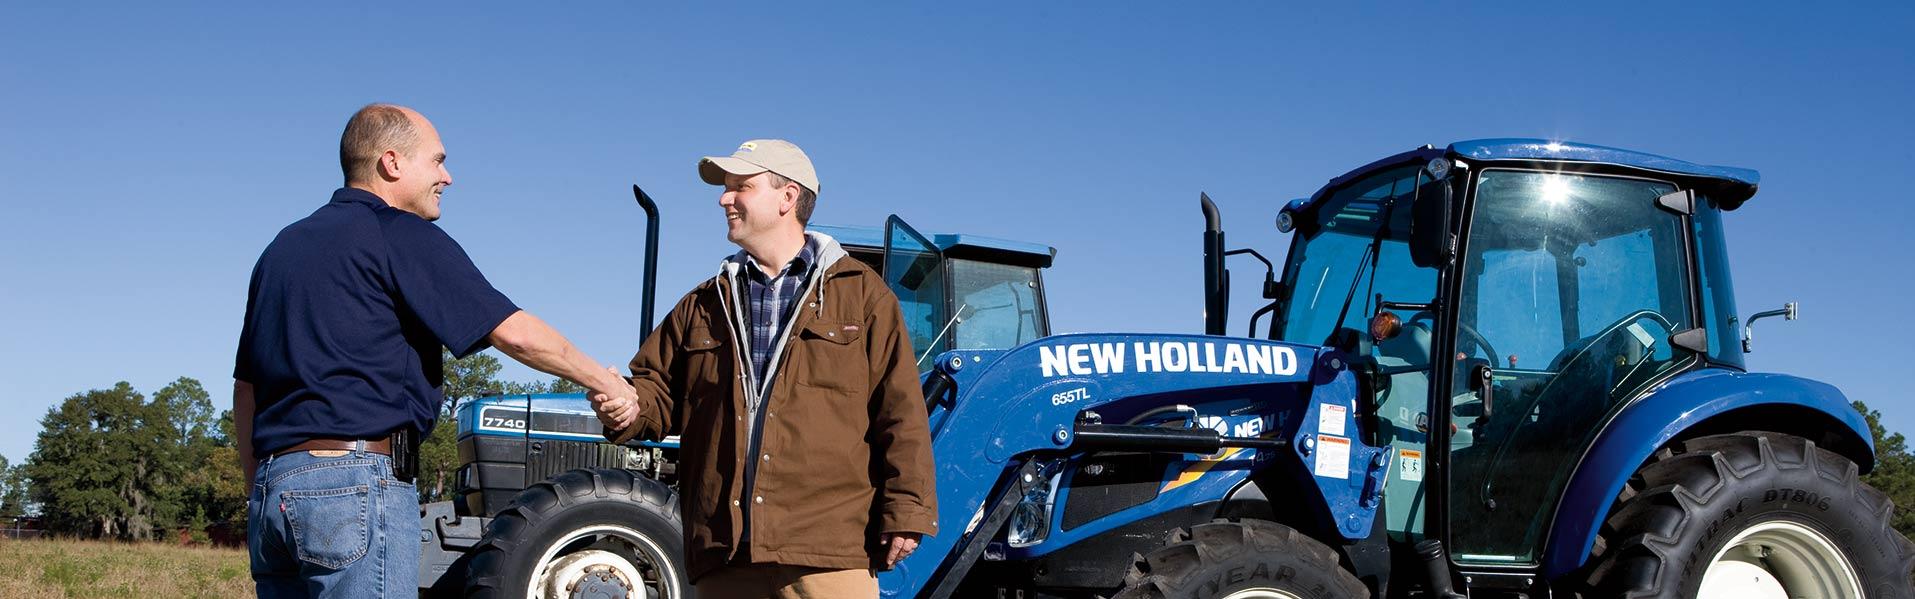 Nelson Tractor Company Service Technician